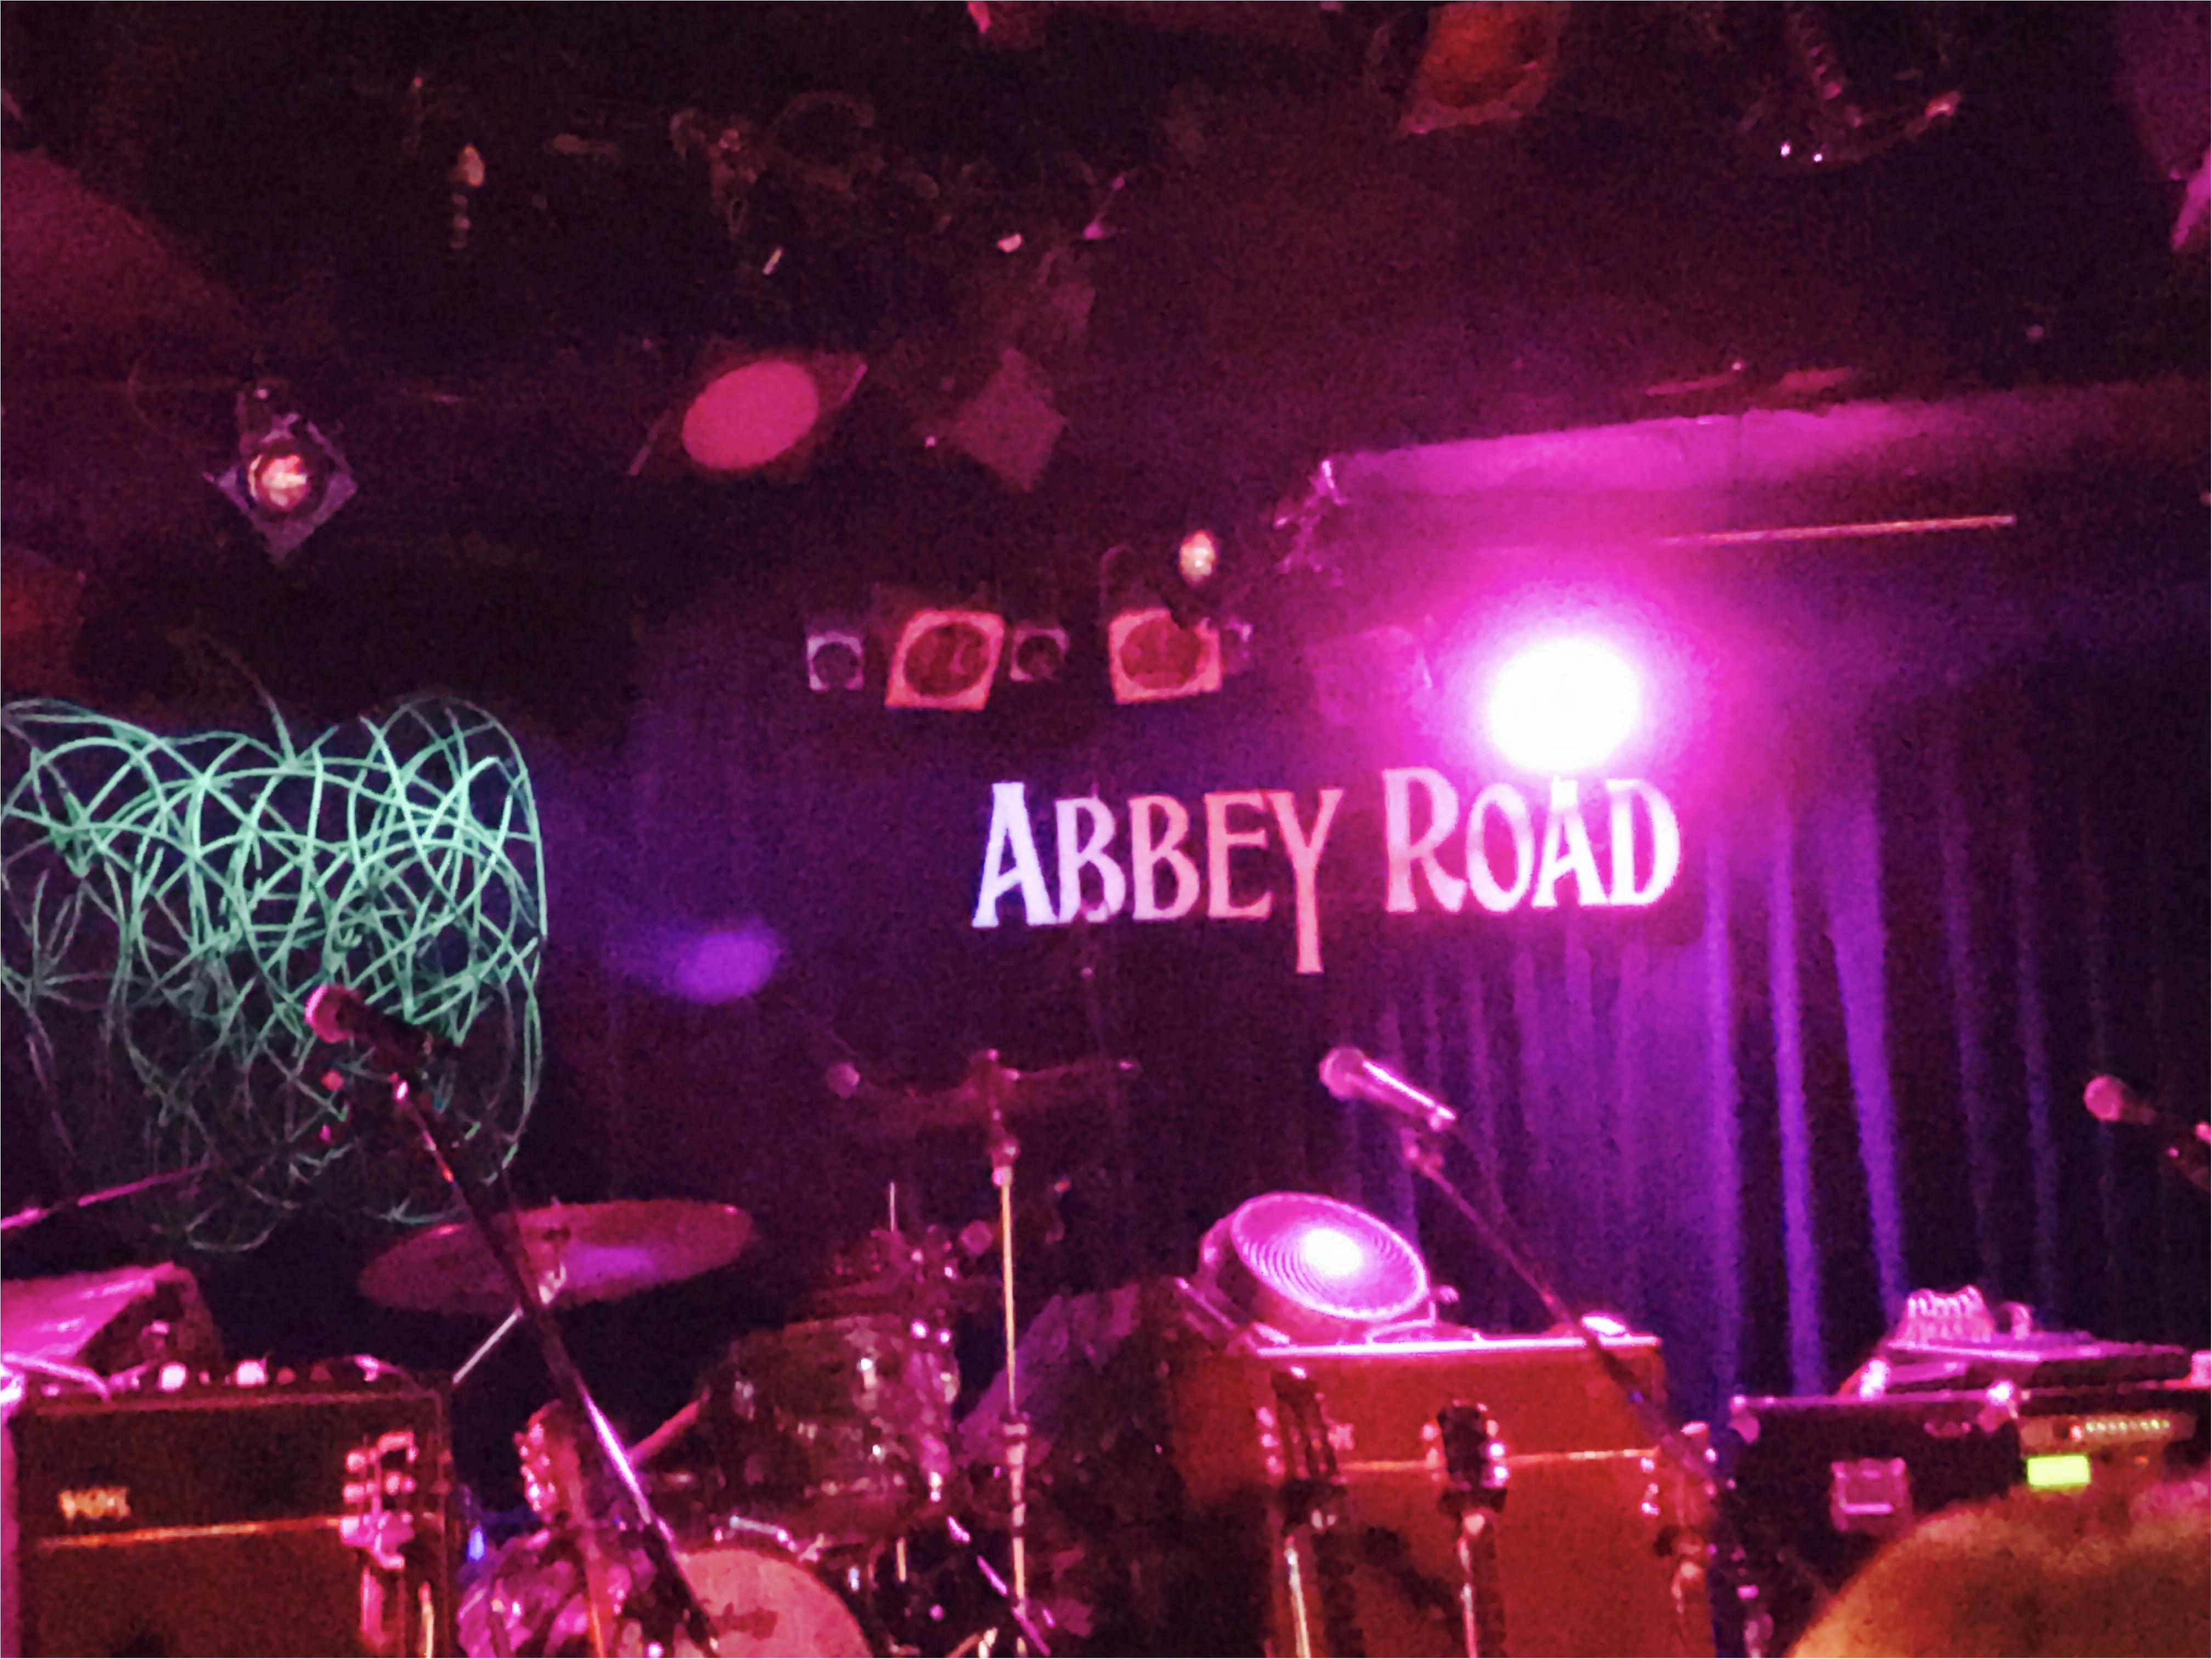 ビートルズ好き必見!ビートルズの曲を堪能できるライブハウス【Abbey Road】(六本木)_2